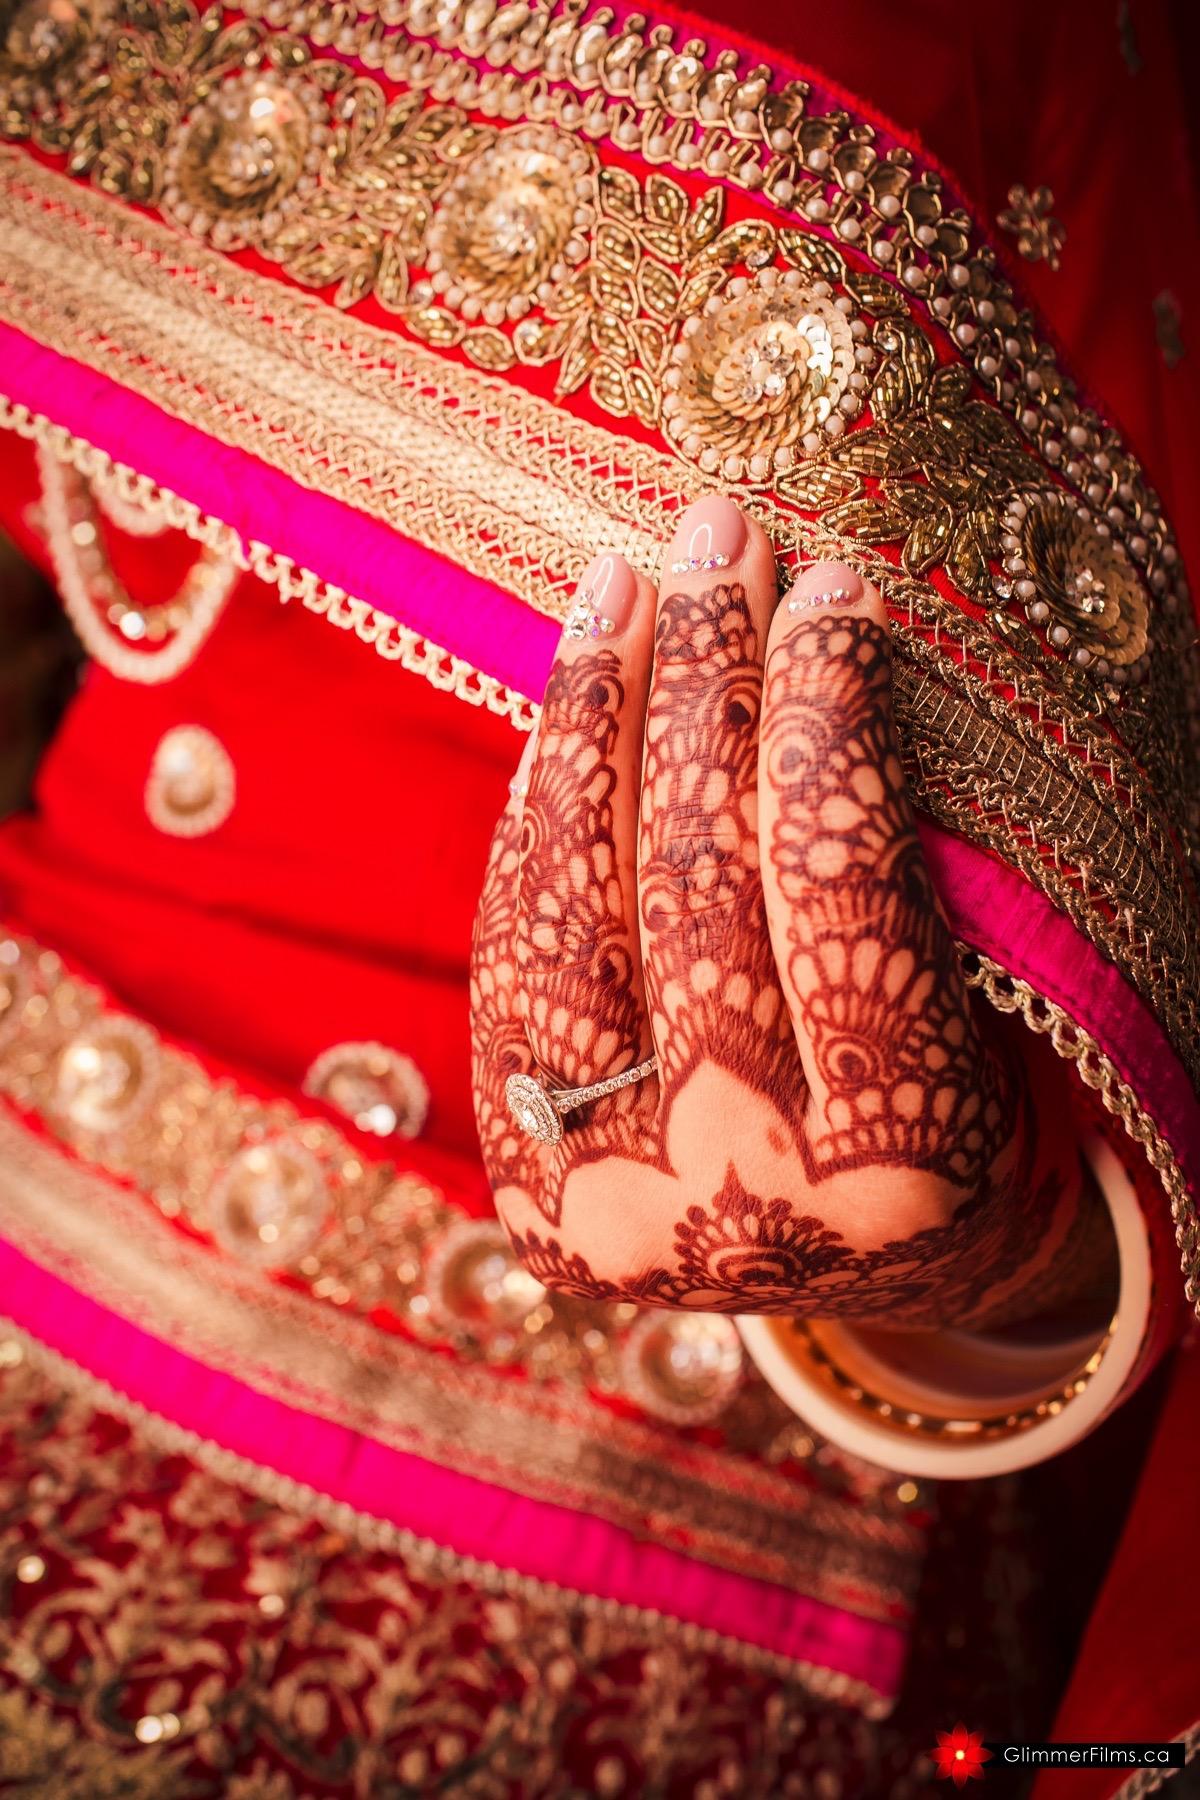 0005-RamneetMandeep-IMG_9851-web.jpg